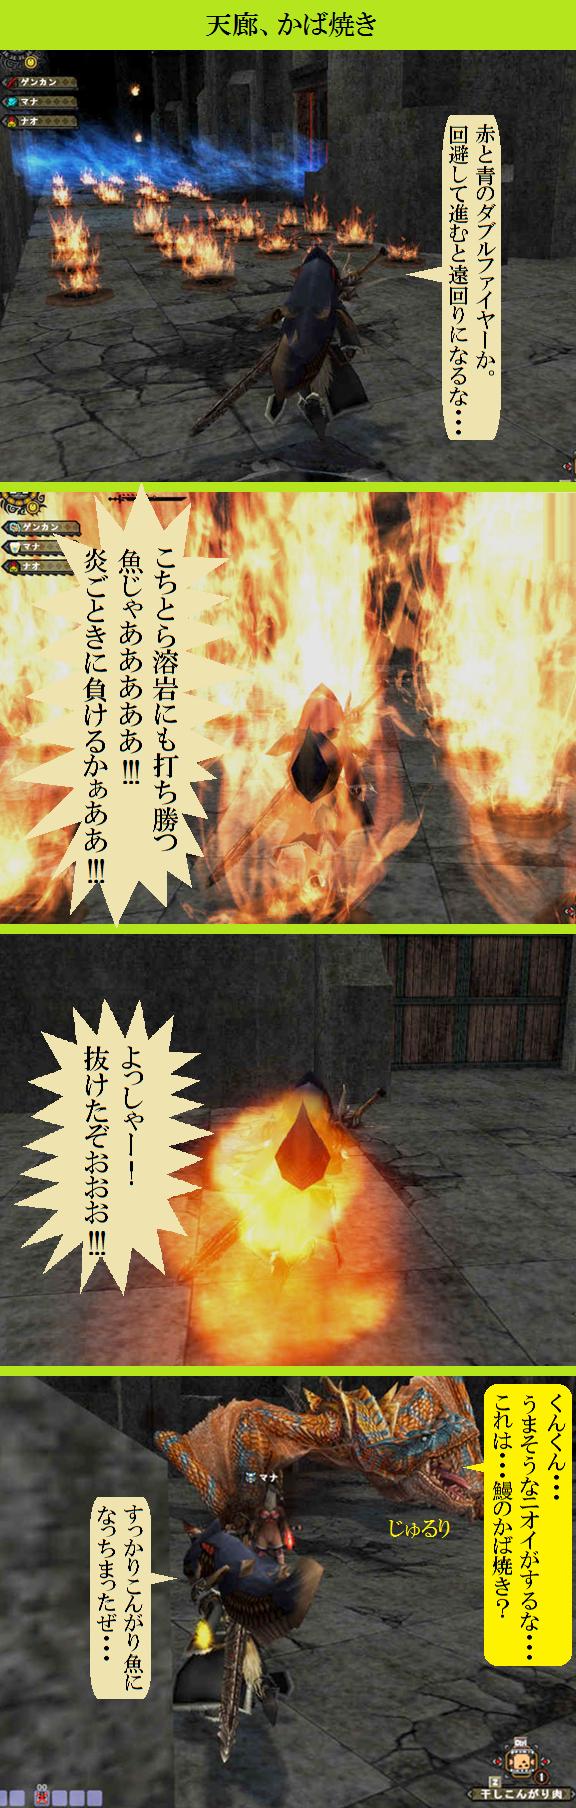 20170722 「天廊、かば焼き」